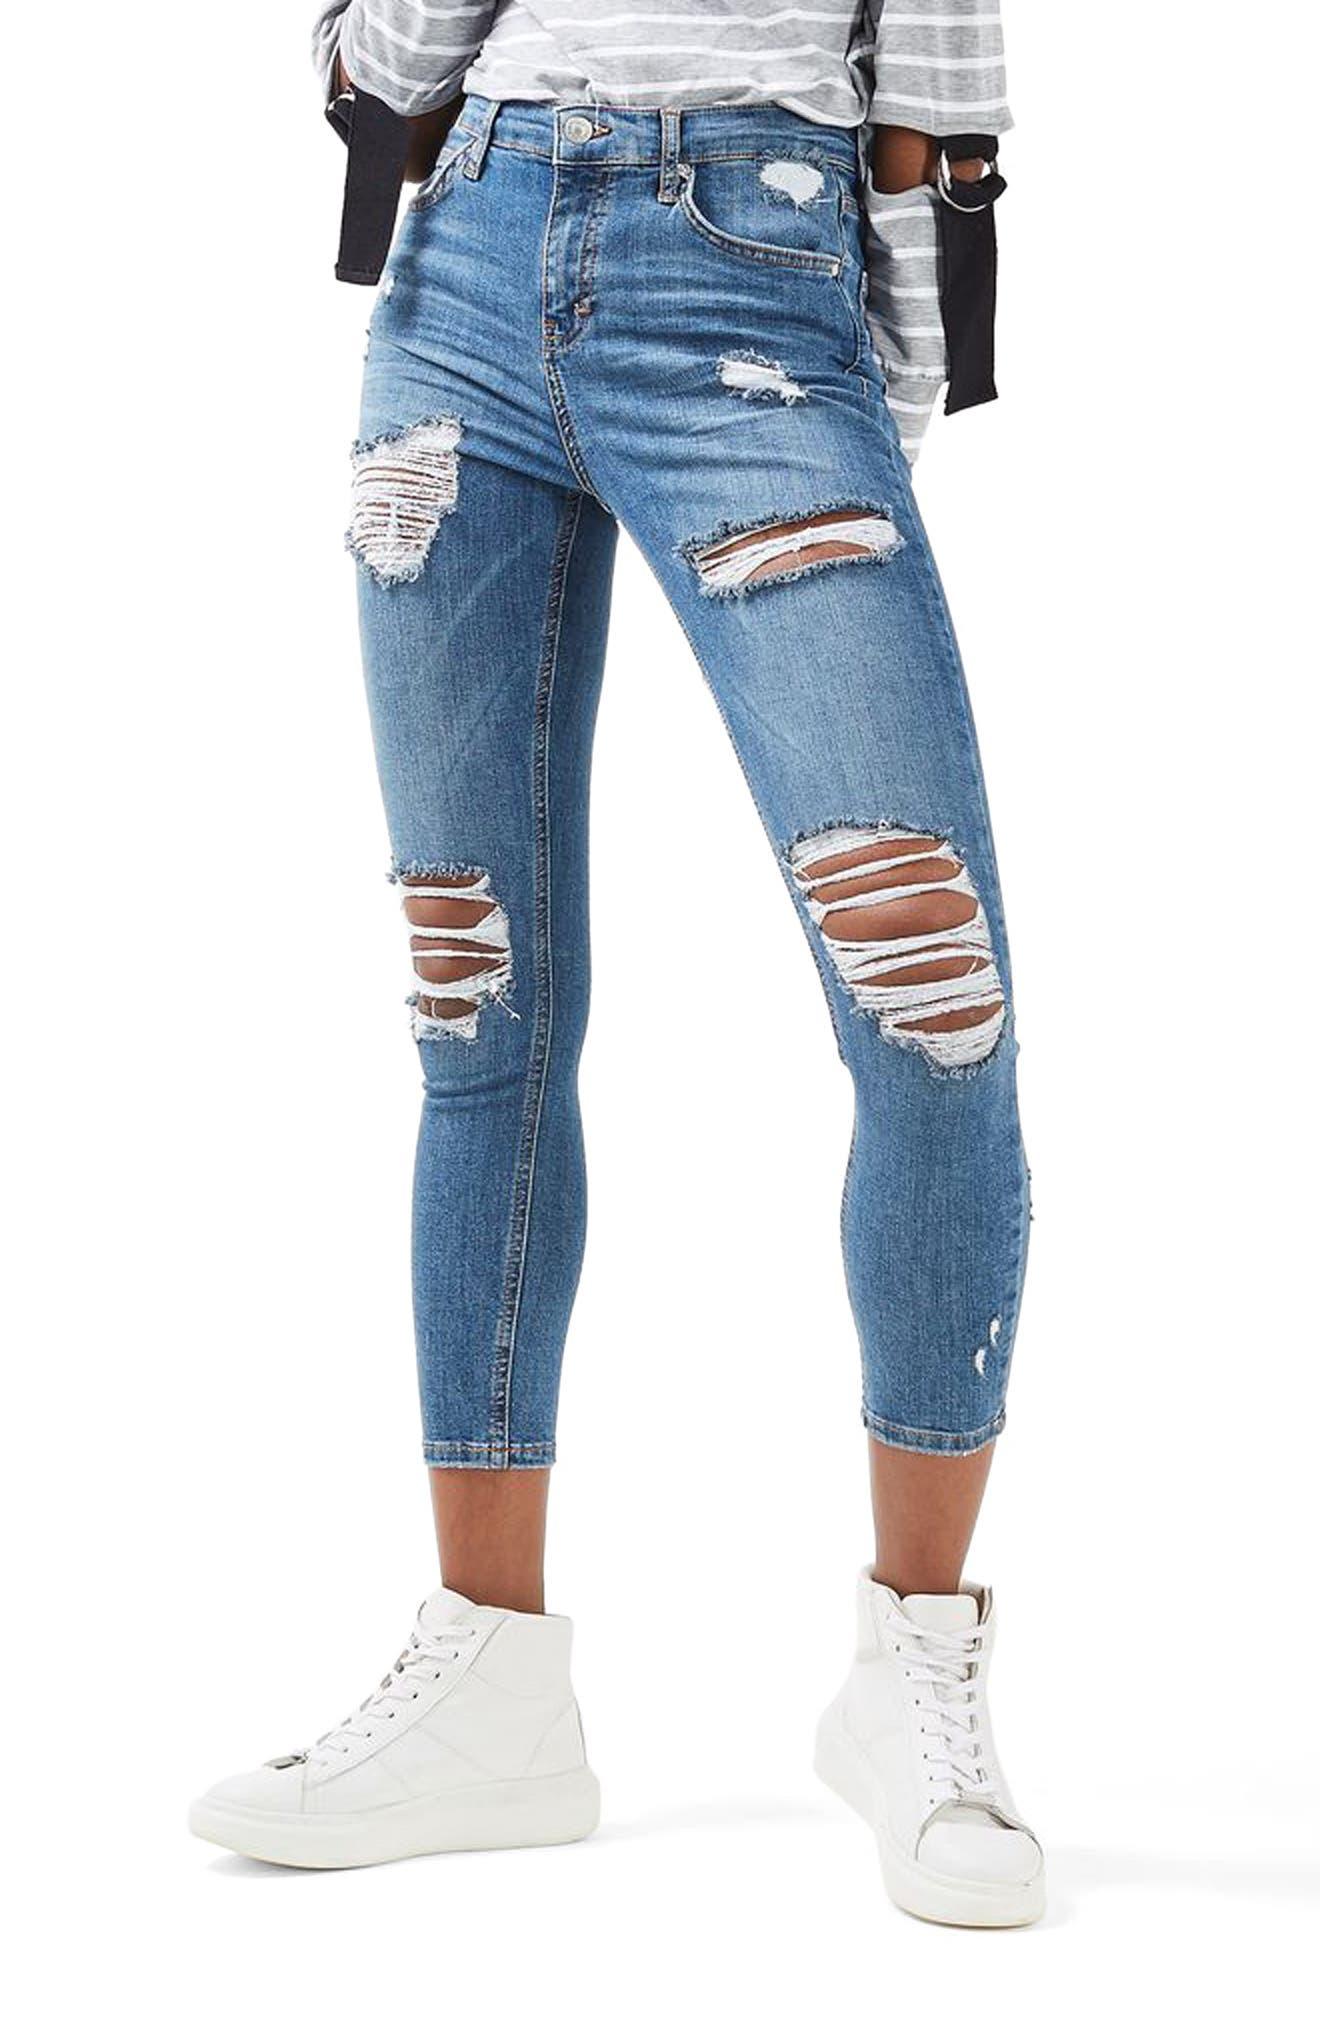 Main Image - Topshop Moto Jamie Super Rip Skinny Jeans (Petite)